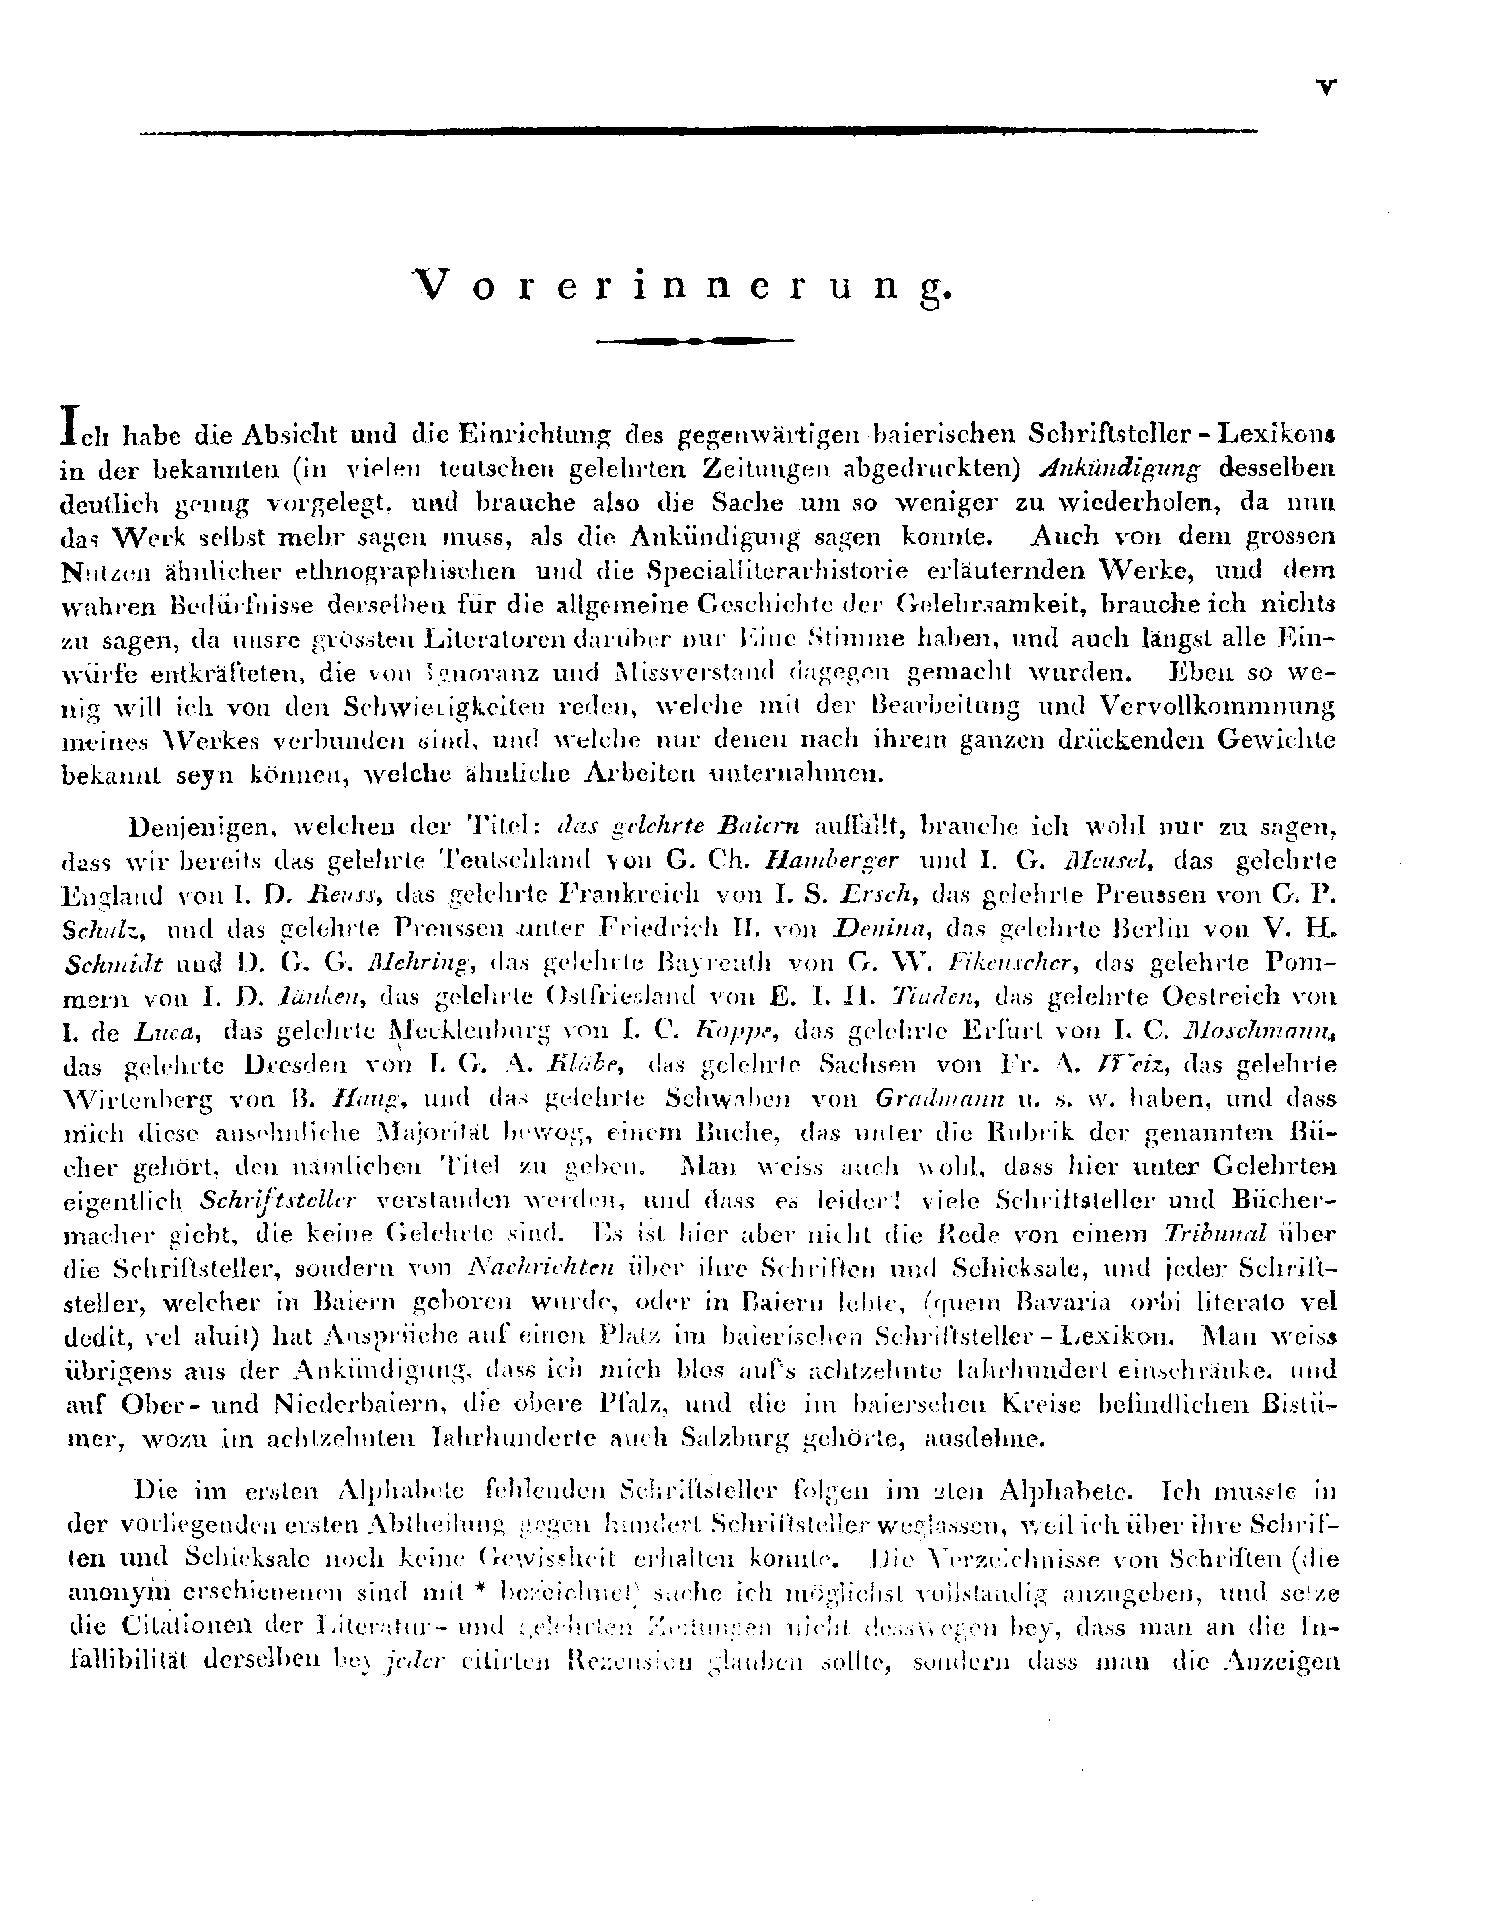 Seite V